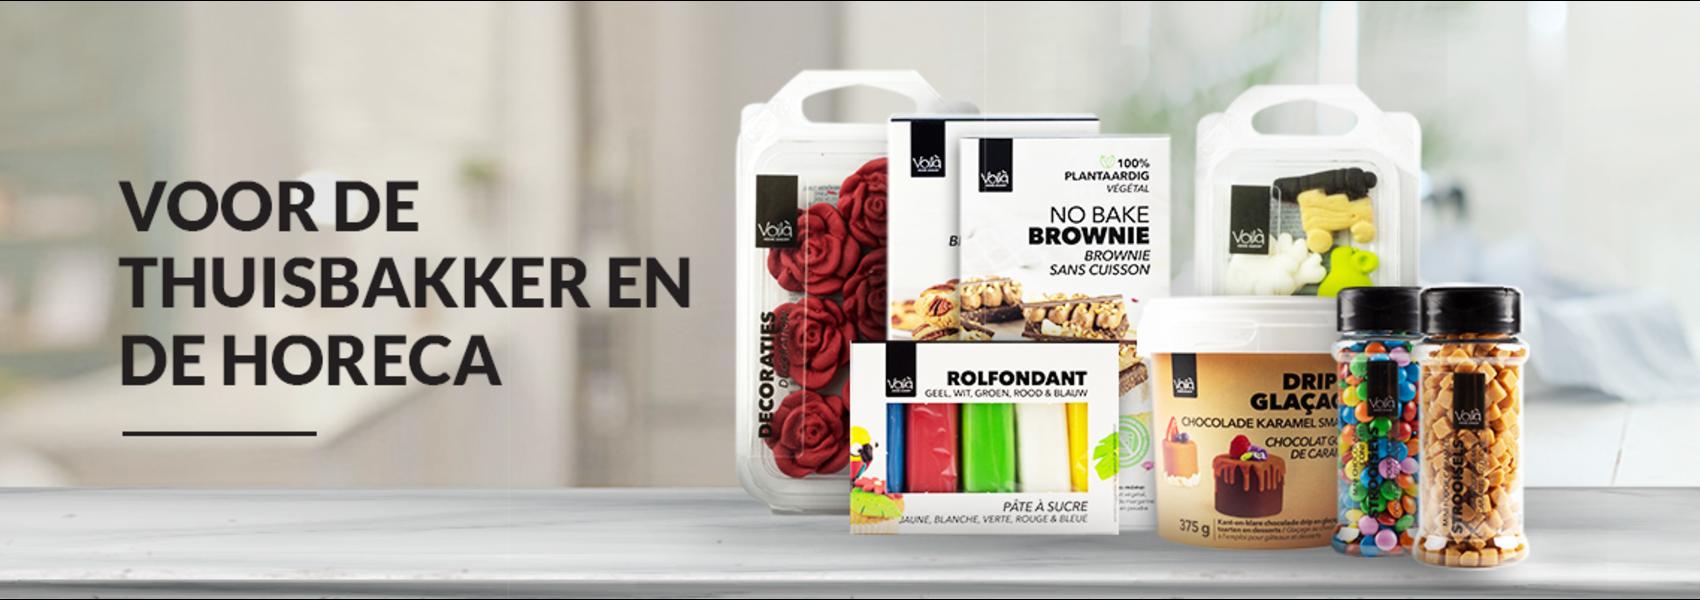 Voila Home Bakery  range - NL